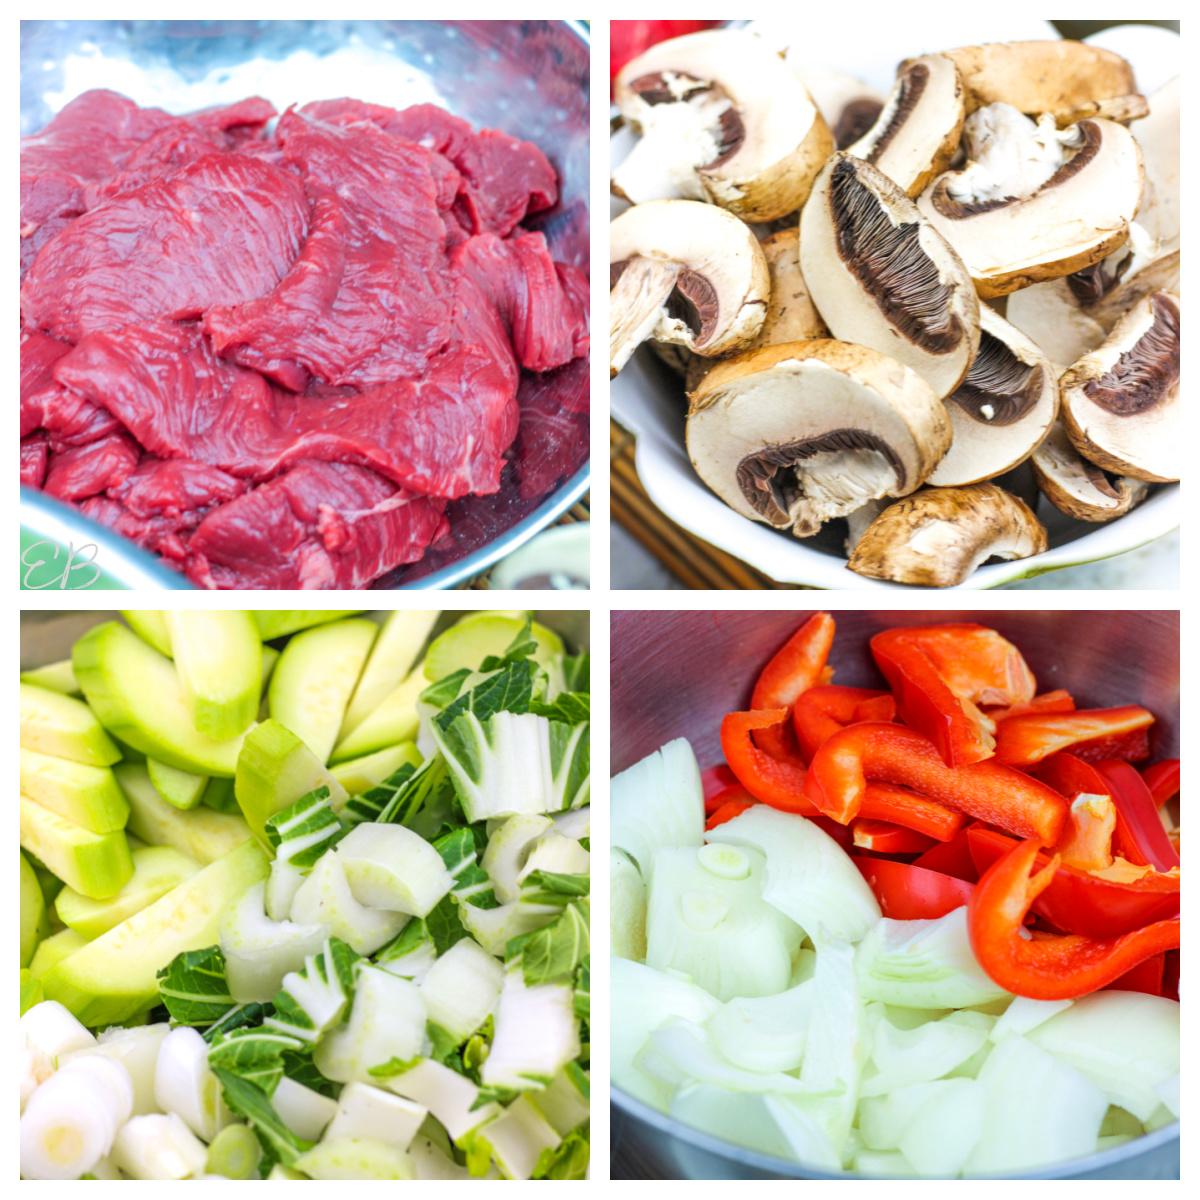 4 images of paleo stir fry ingredients